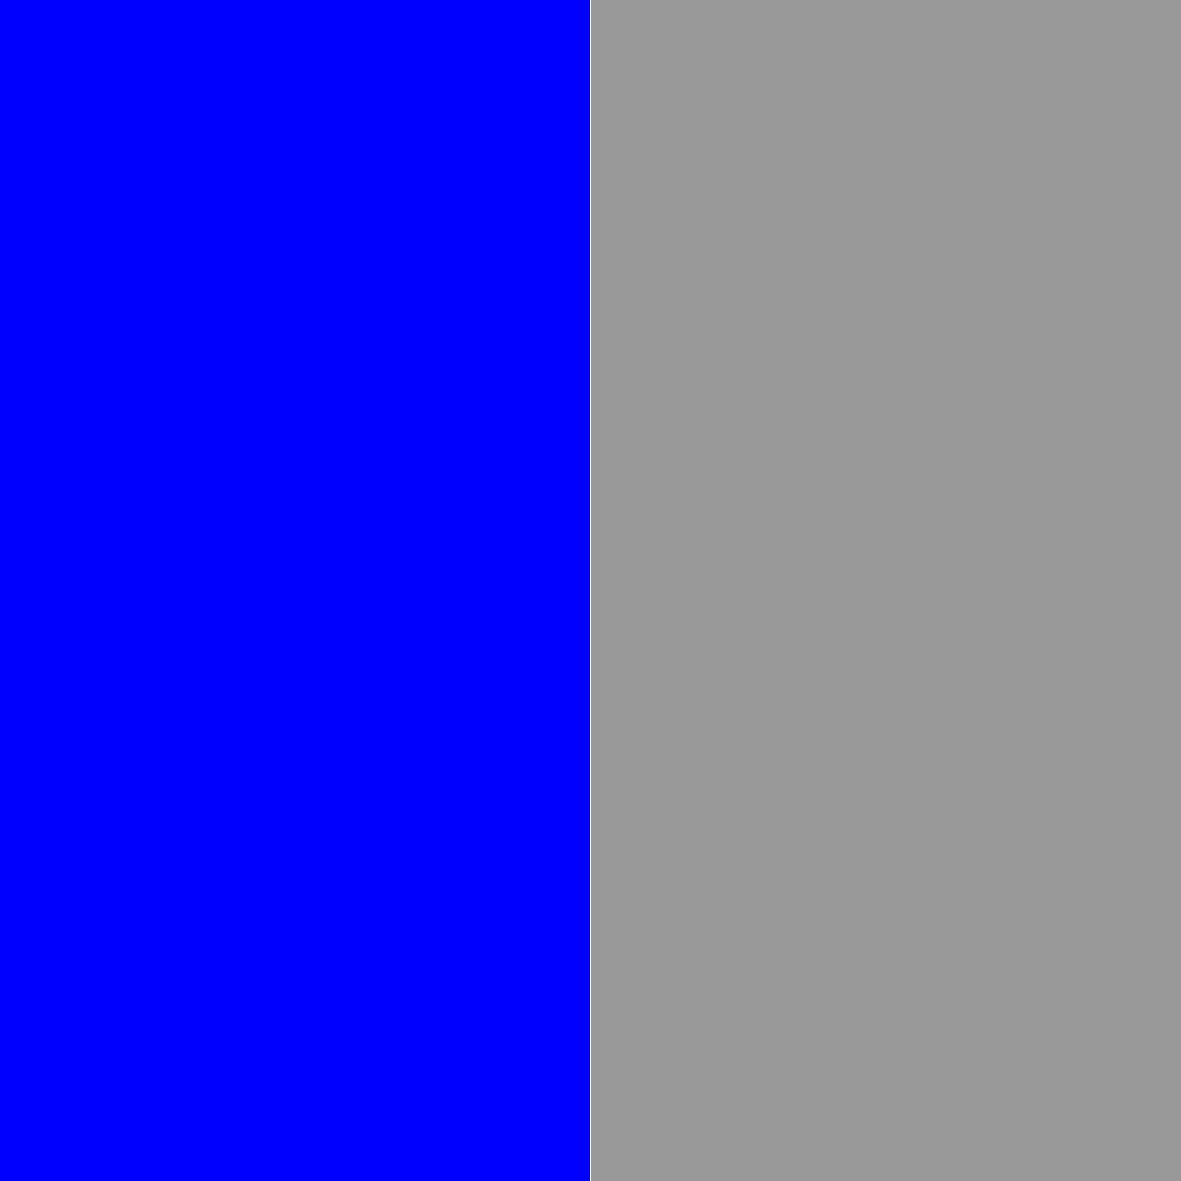 синий/серый_0000FF/999999